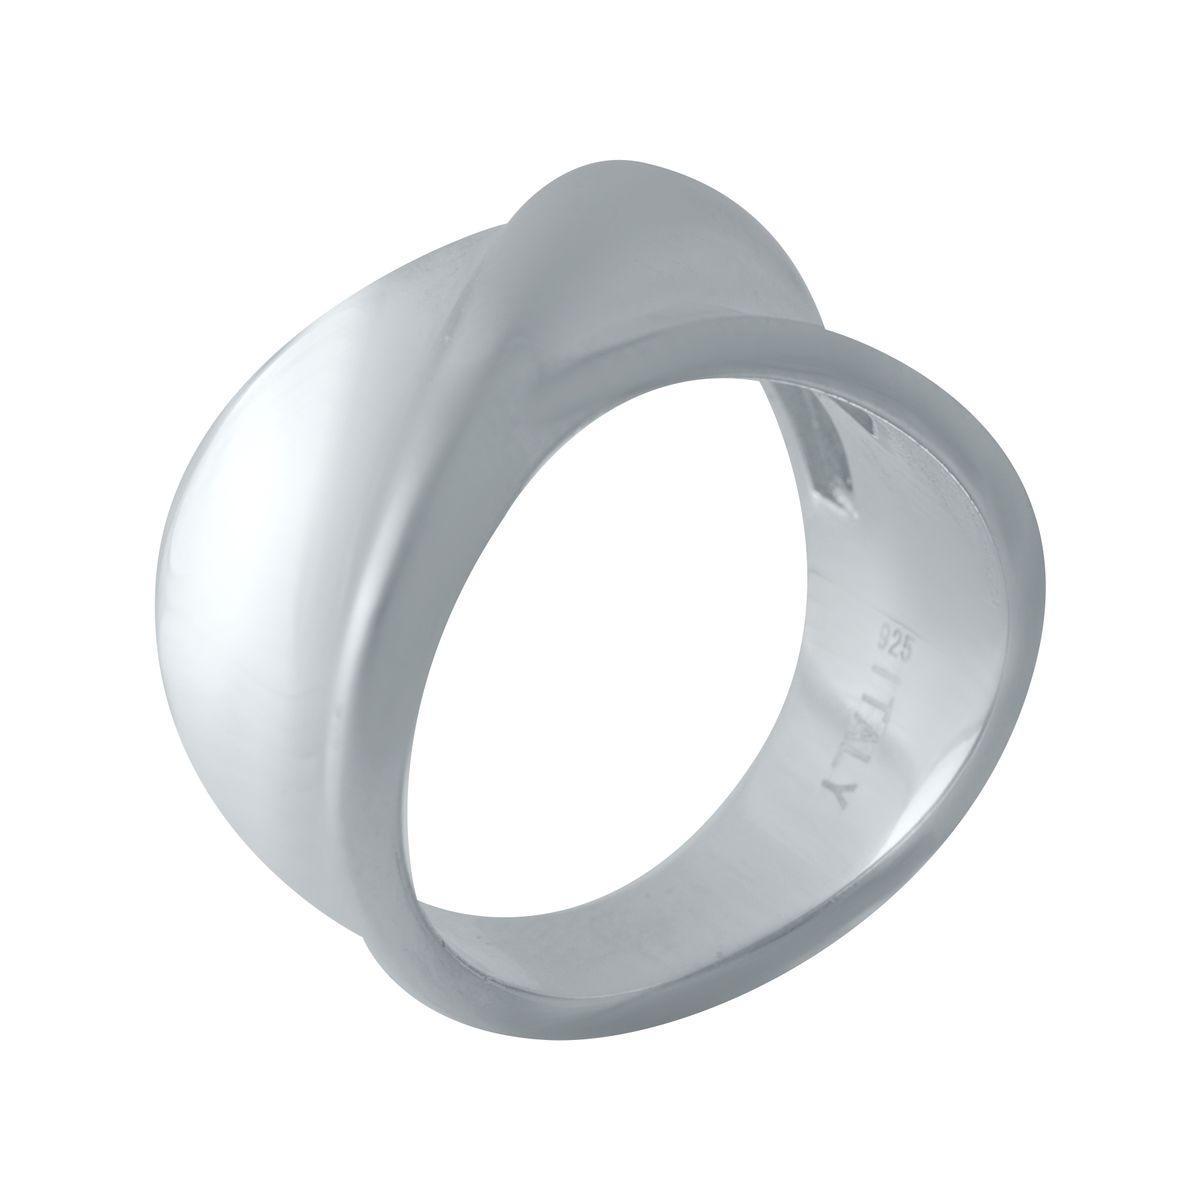 Срібне кільце DreamJewelry без каменів (2022329) 19 розмір